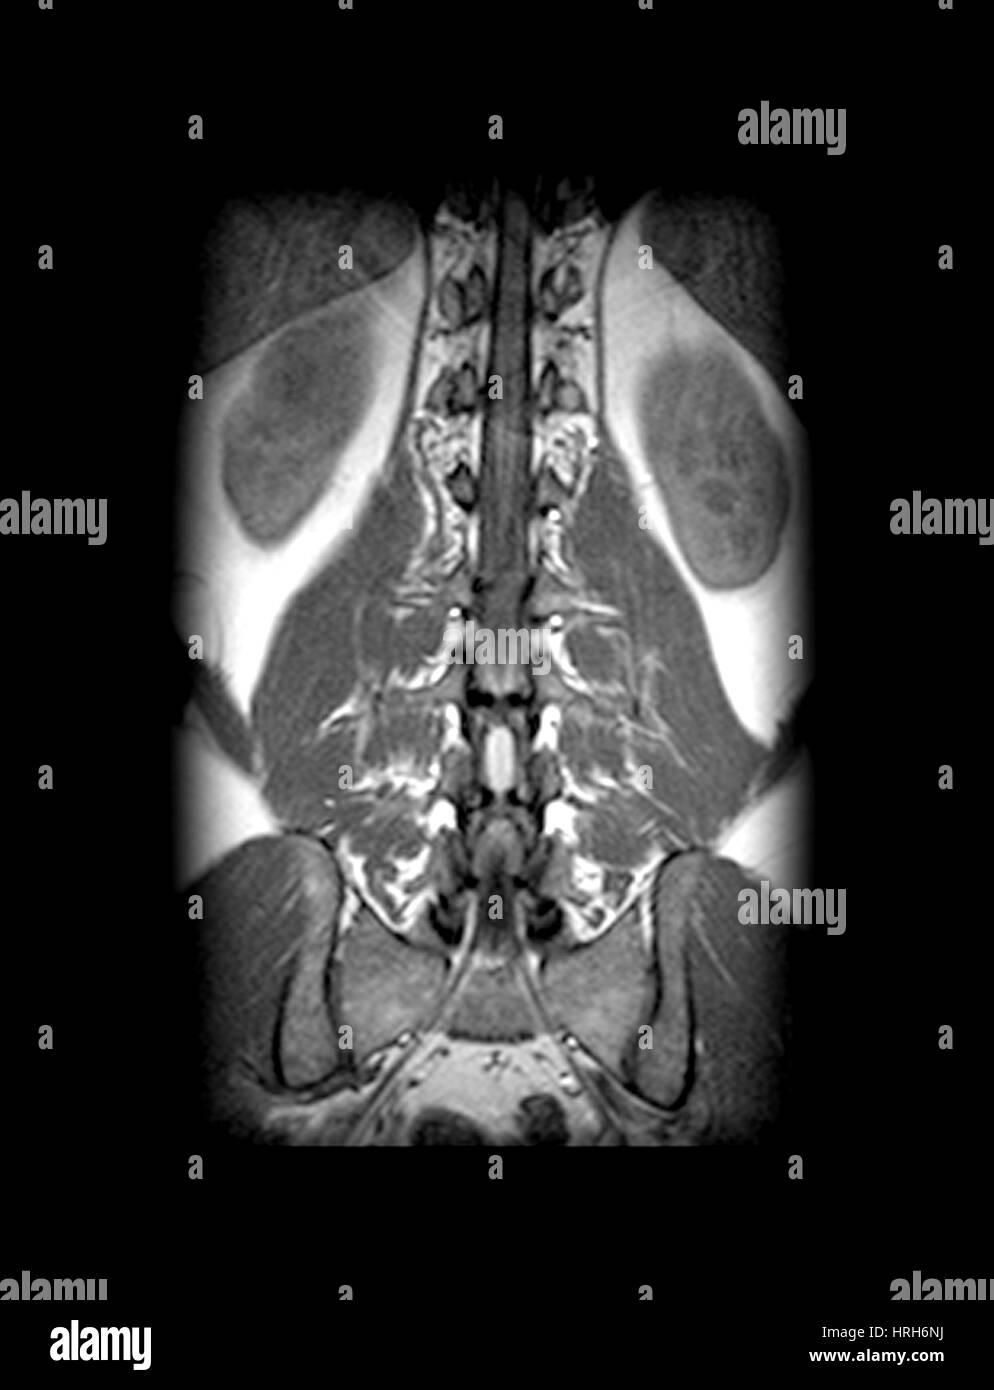 MRT von Rückenmark und Nervenwurzeln Stockfoto, Bild: 134988158 - Alamy